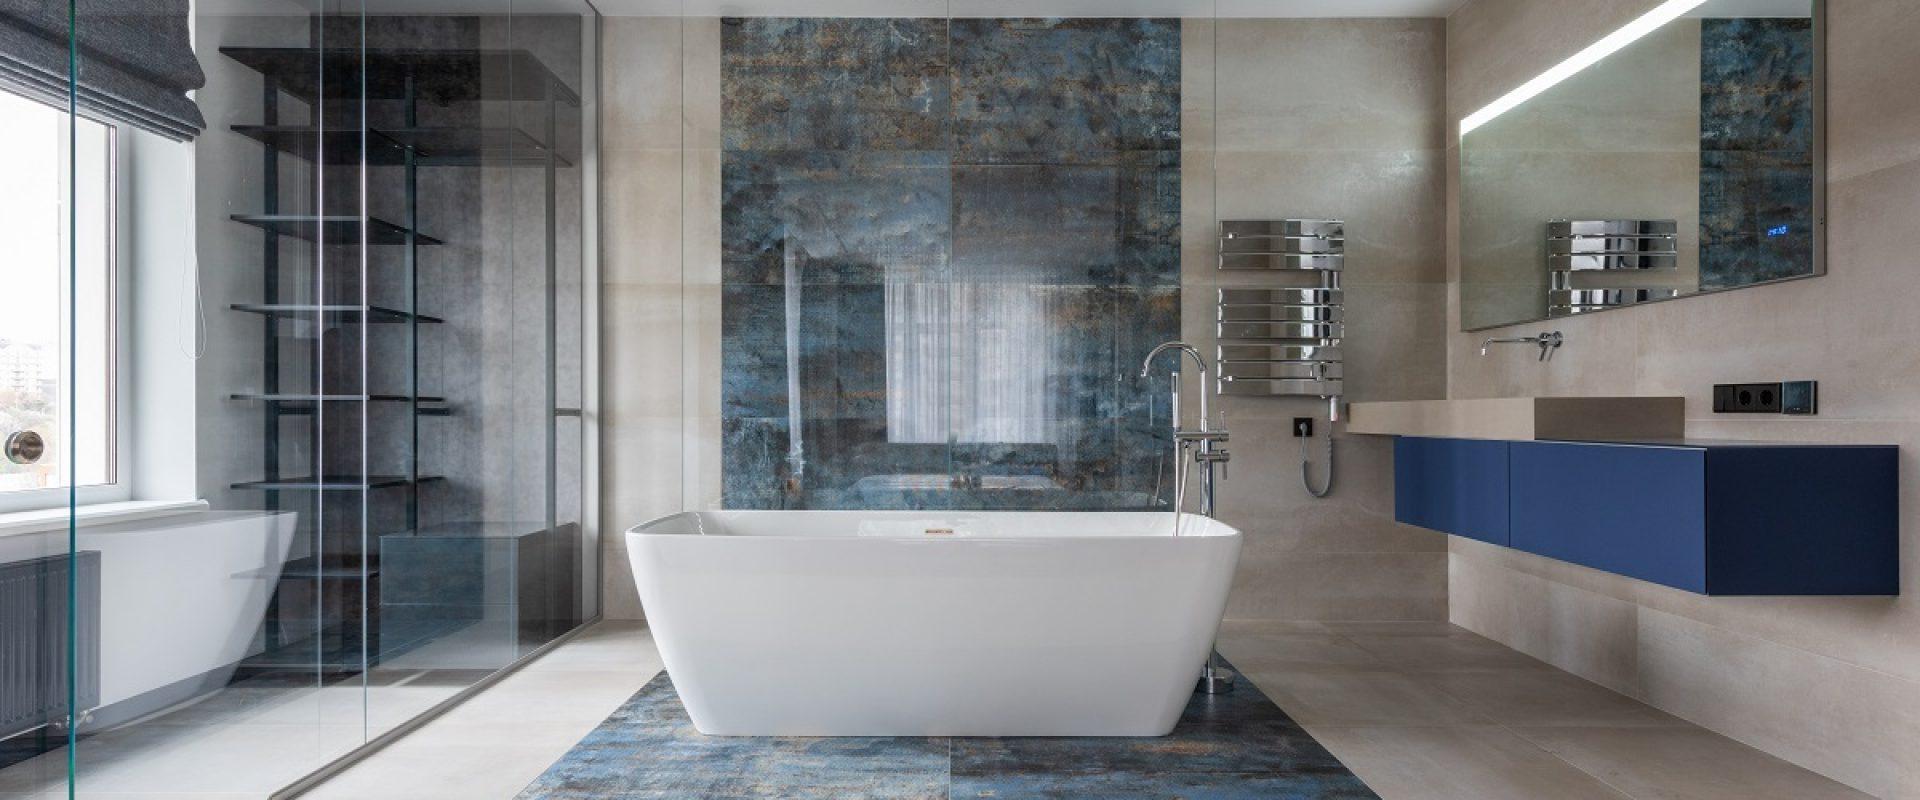 Aventyp recomendaciones cuarto de baño 5